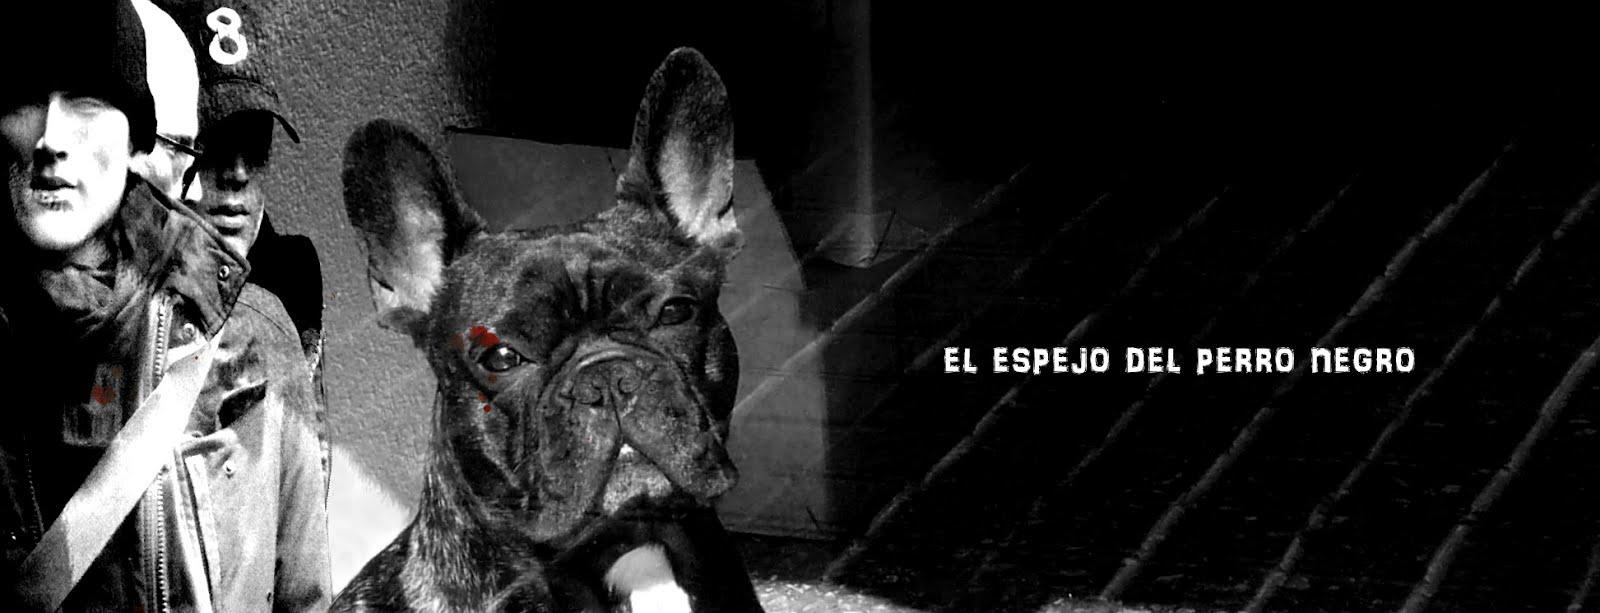 El espejo del perro negro